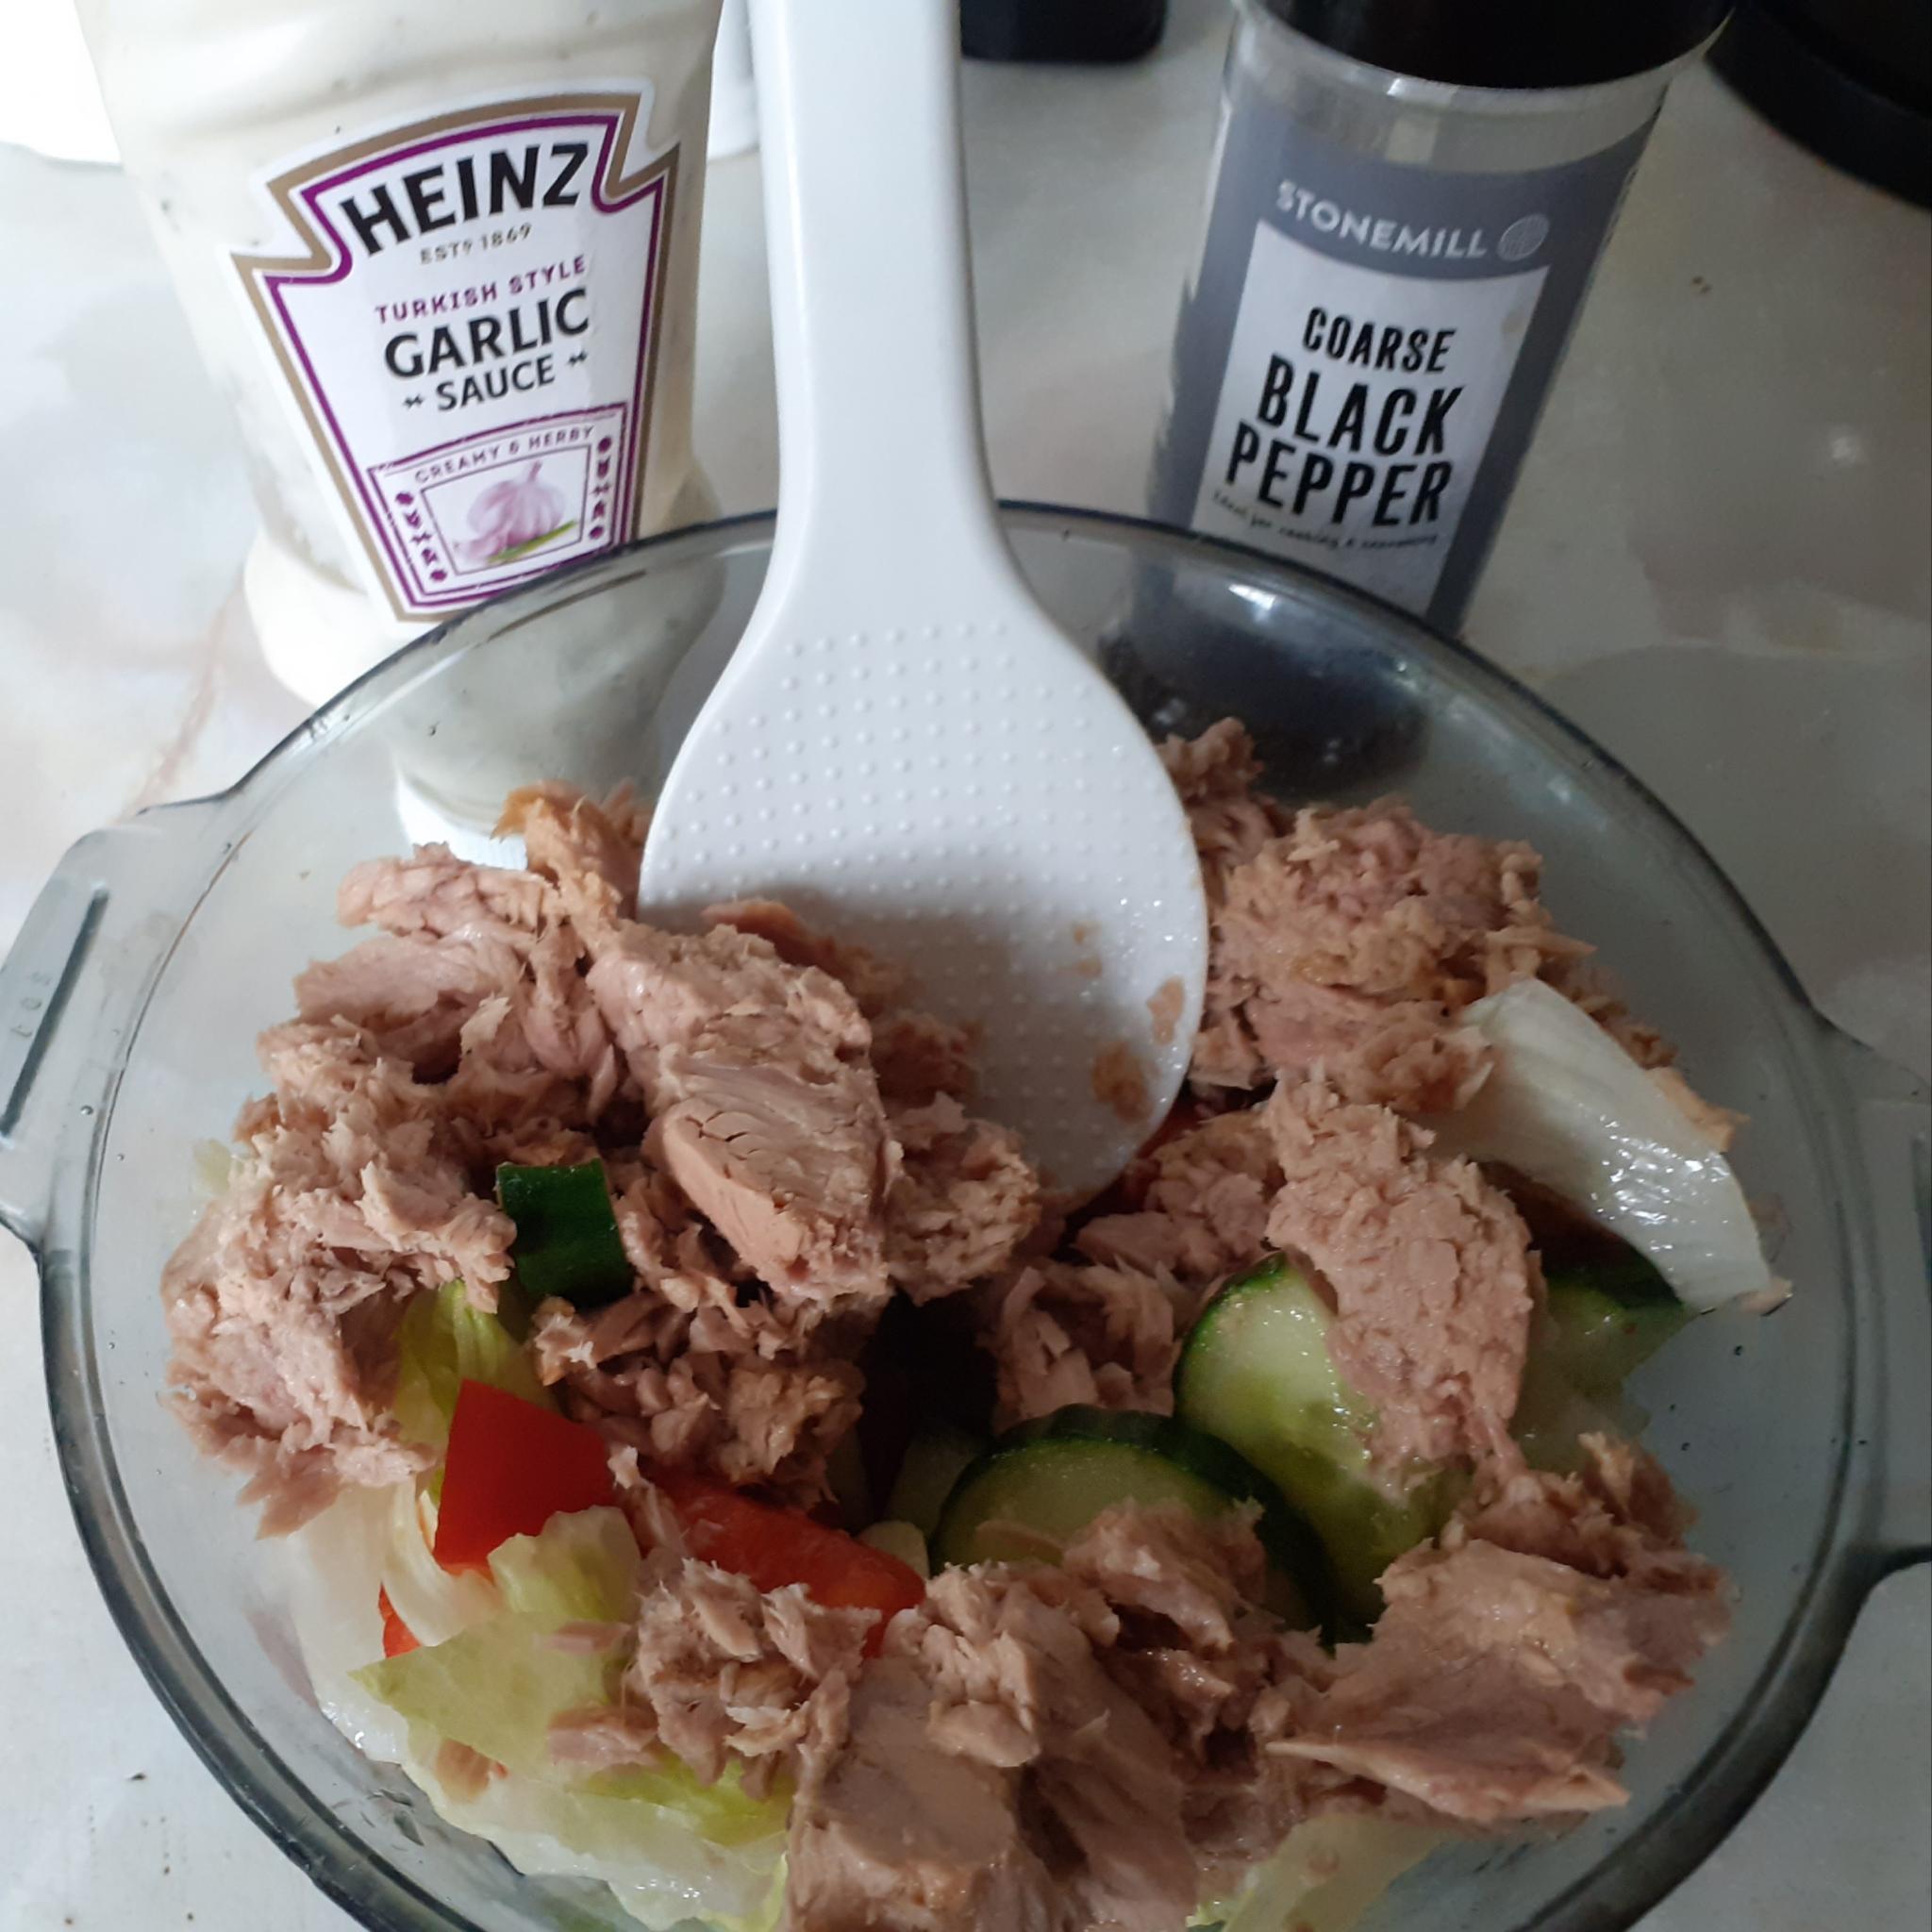 Chittys healthy en salad mixta ala Ruski-20200703_144154-jpg